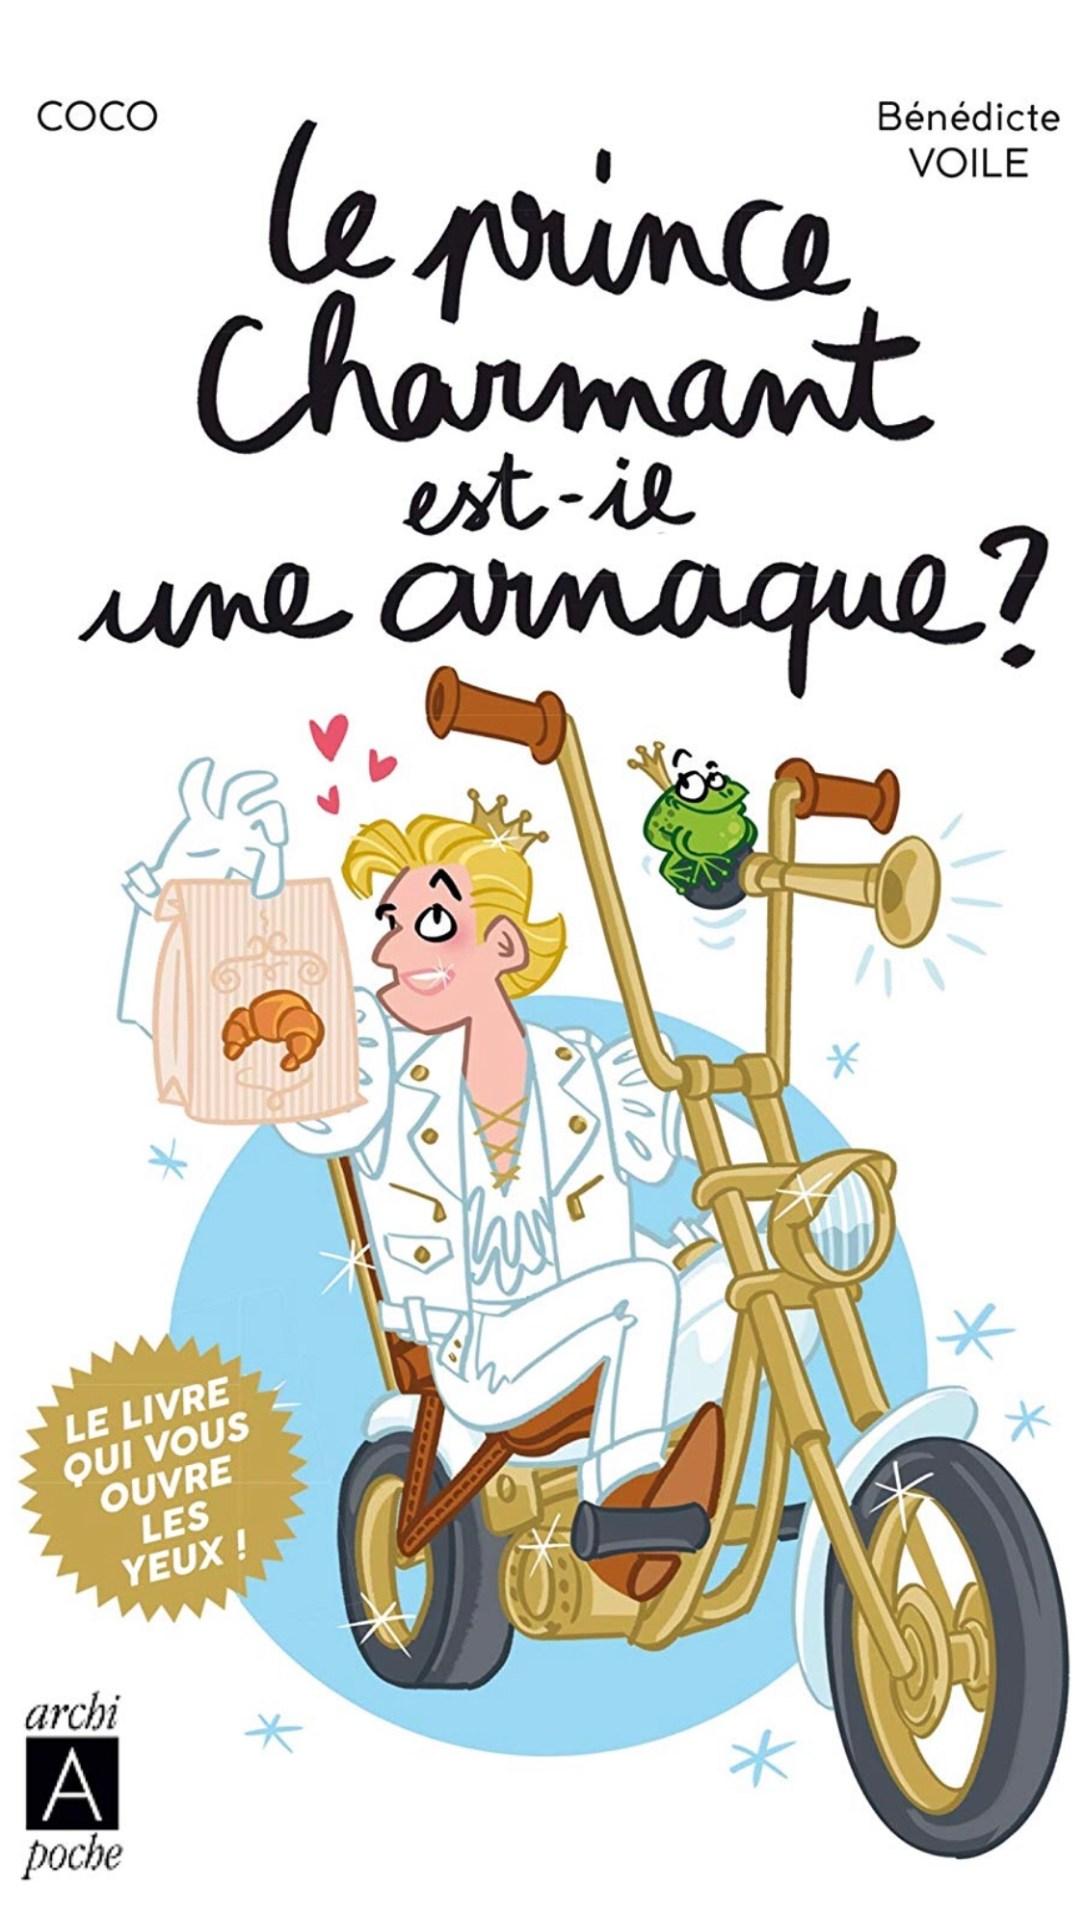 50 ans, Benedicte voile, prince charmant, quinqua, themouse, le prince charmant est il une arnaque, fete des meres, coco camé, idee cadeau, no stress,